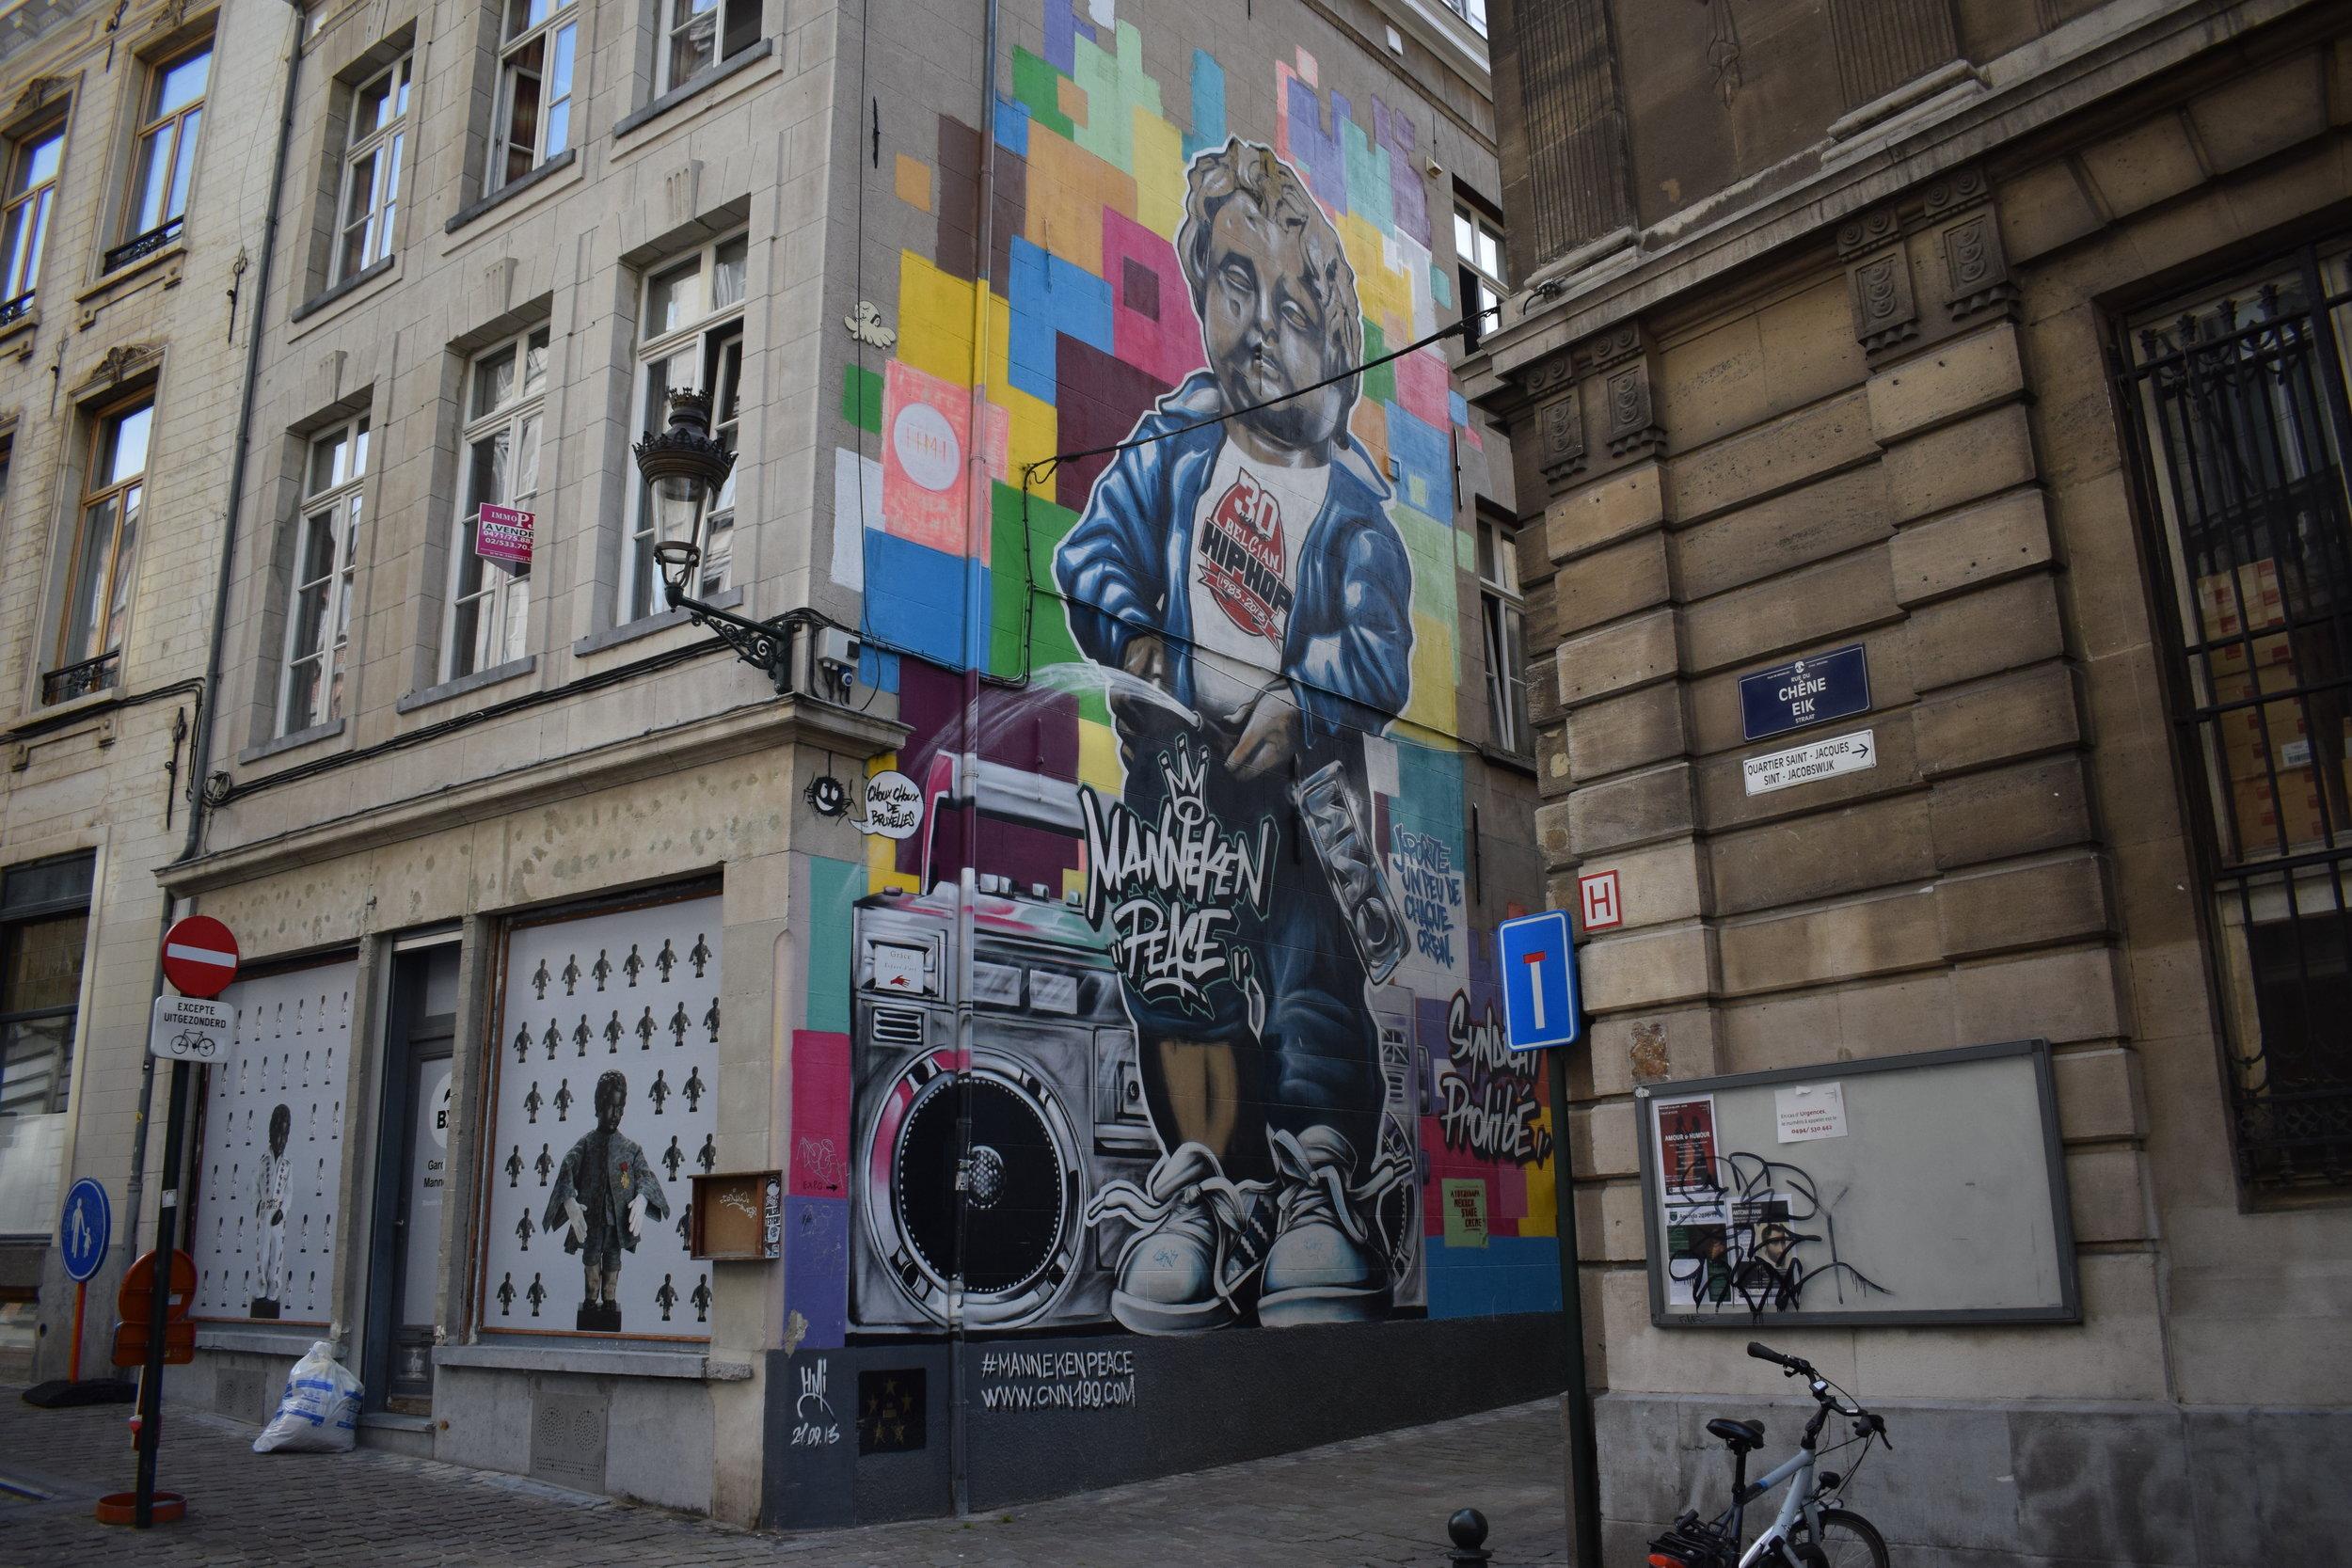 Manneken-Pis-Street-Art-Graffiti-Brussels